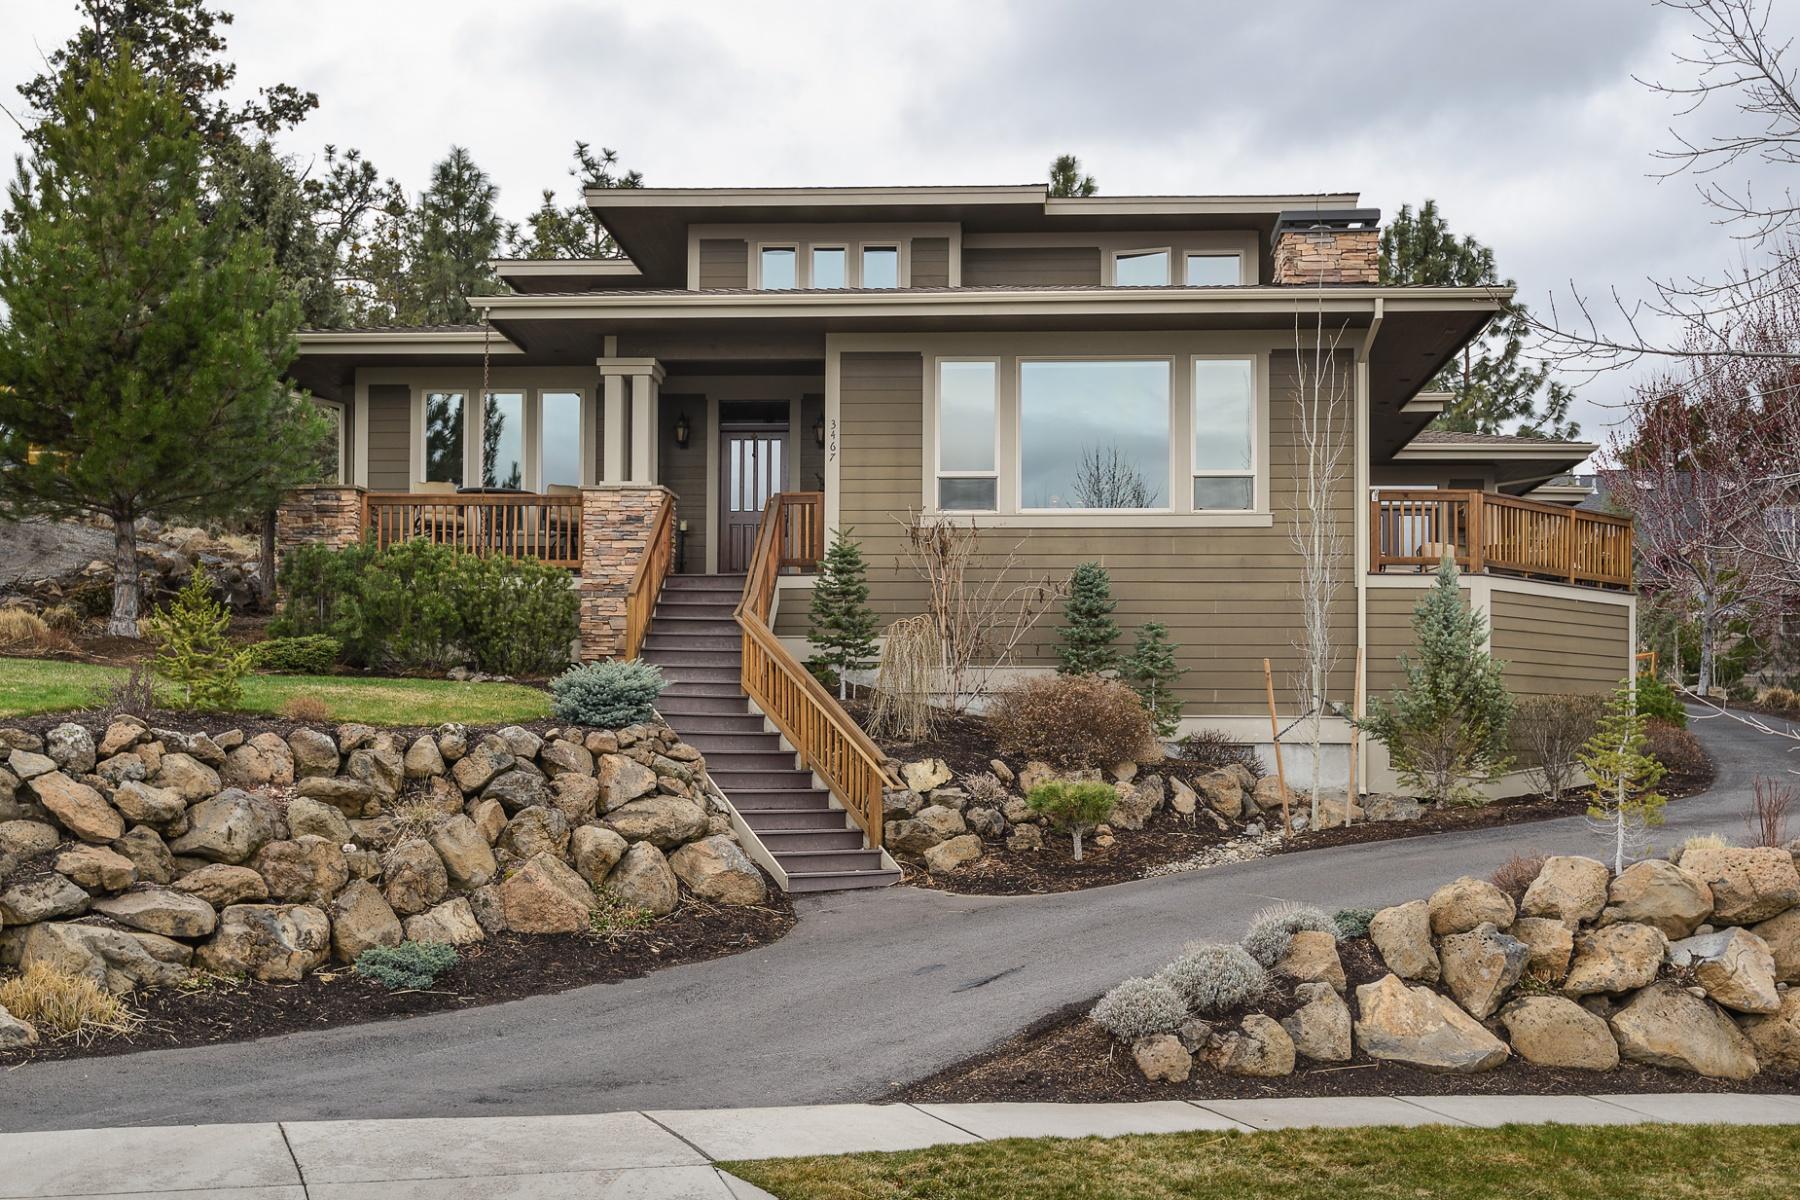 独户住宅 为 销售 在 Awbrey Park Beauty- NW Bend Home 3467 NW Denali Ln 本德, 俄勒冈州, 97703 美国